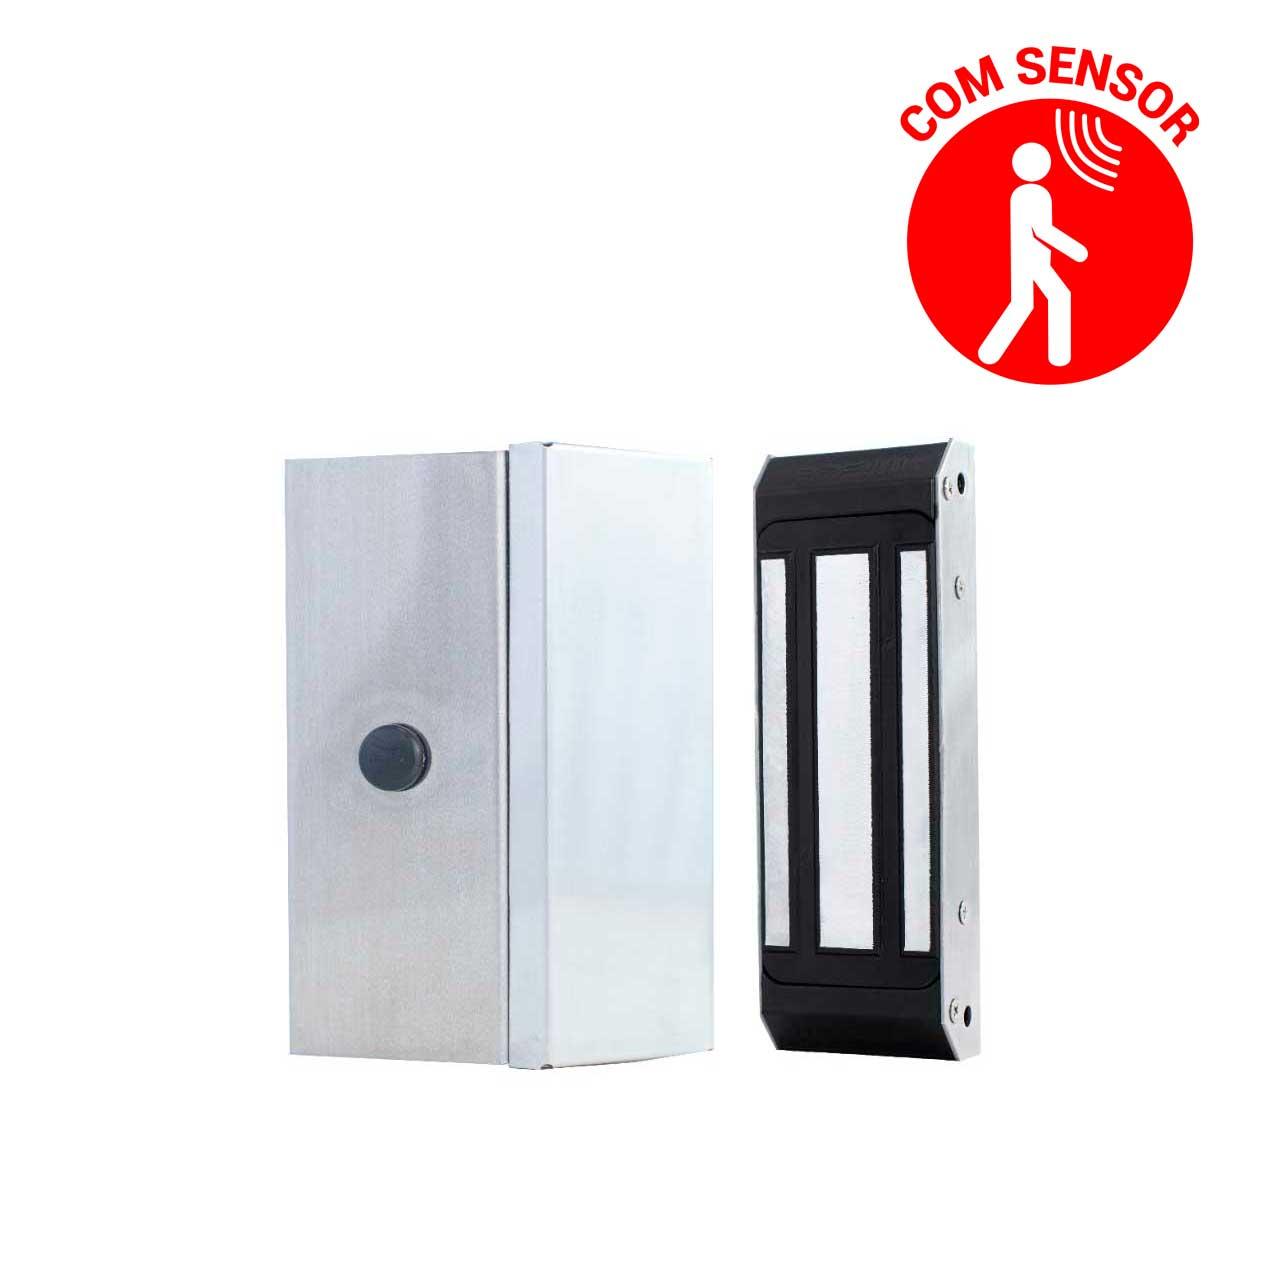 Fechadura Magnética Eletroimã M100 100kg em Inox com Sensor Porta Pivotante e Deslizante Ipec